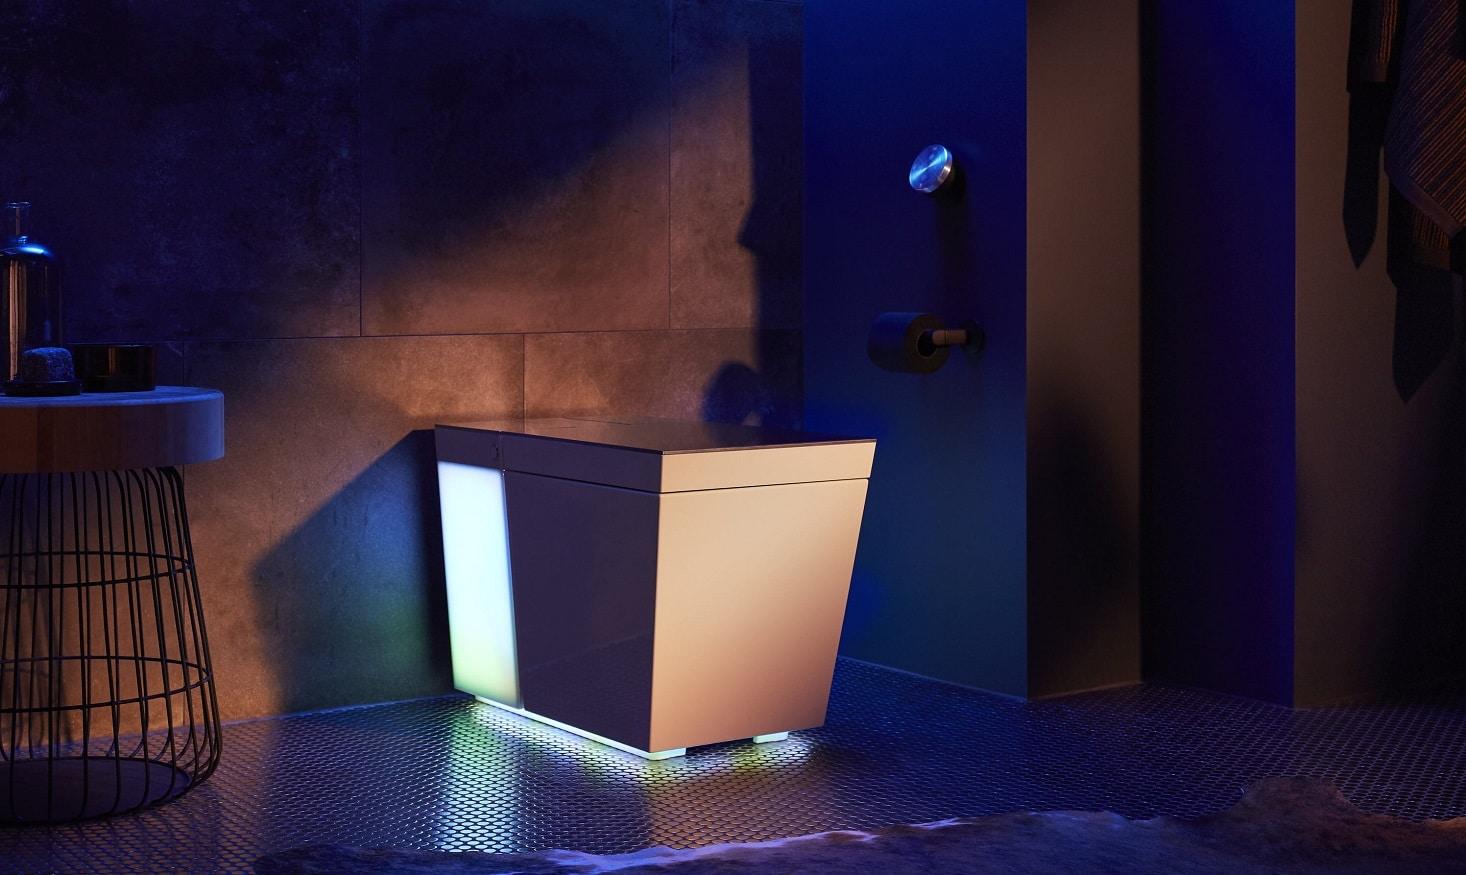 kohler numi 2.0 smart toilet with amazon alexa